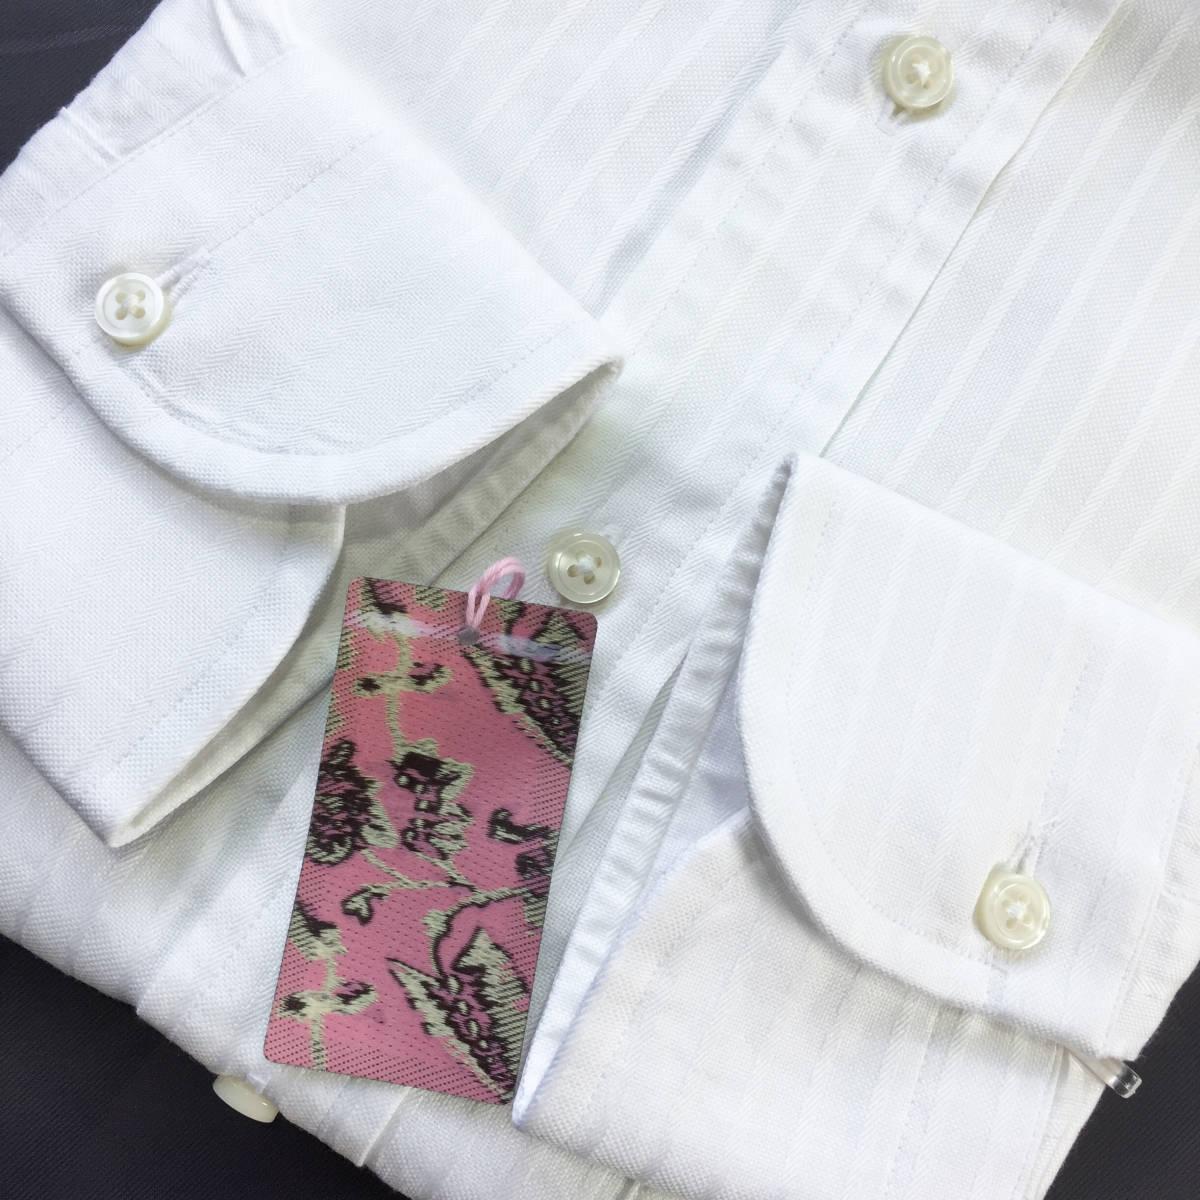 定価¥1.8万【英国名門★ティモシーエベレスト】新品 白 織り柄 ドレスシャツ 胸ポケット付き slimfit M 38_画像6